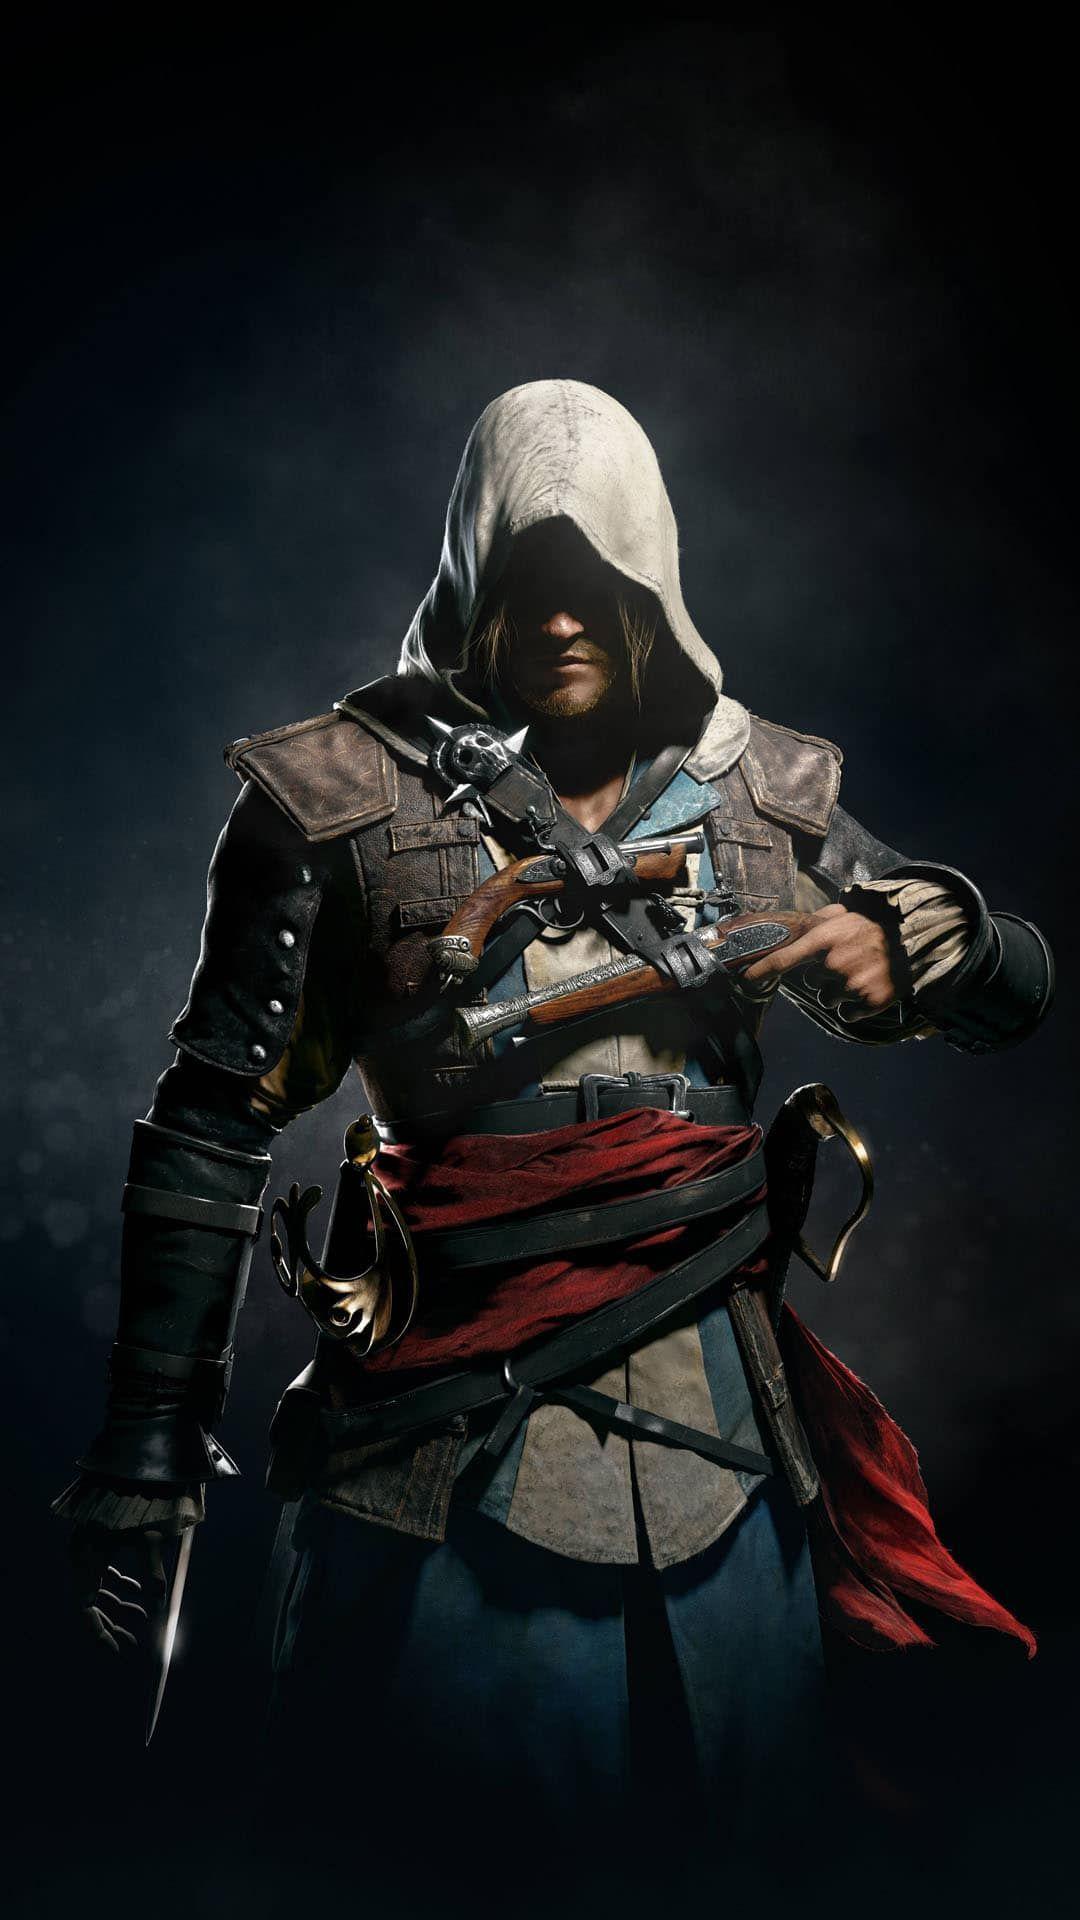 Http Wallpaperformobile Org 14903 Ac Black Flag Wallpaper Html Ac Black Flag W Assassin S Creed Black Assassins Creed Black Flag Assassin S Creed Wallpaper